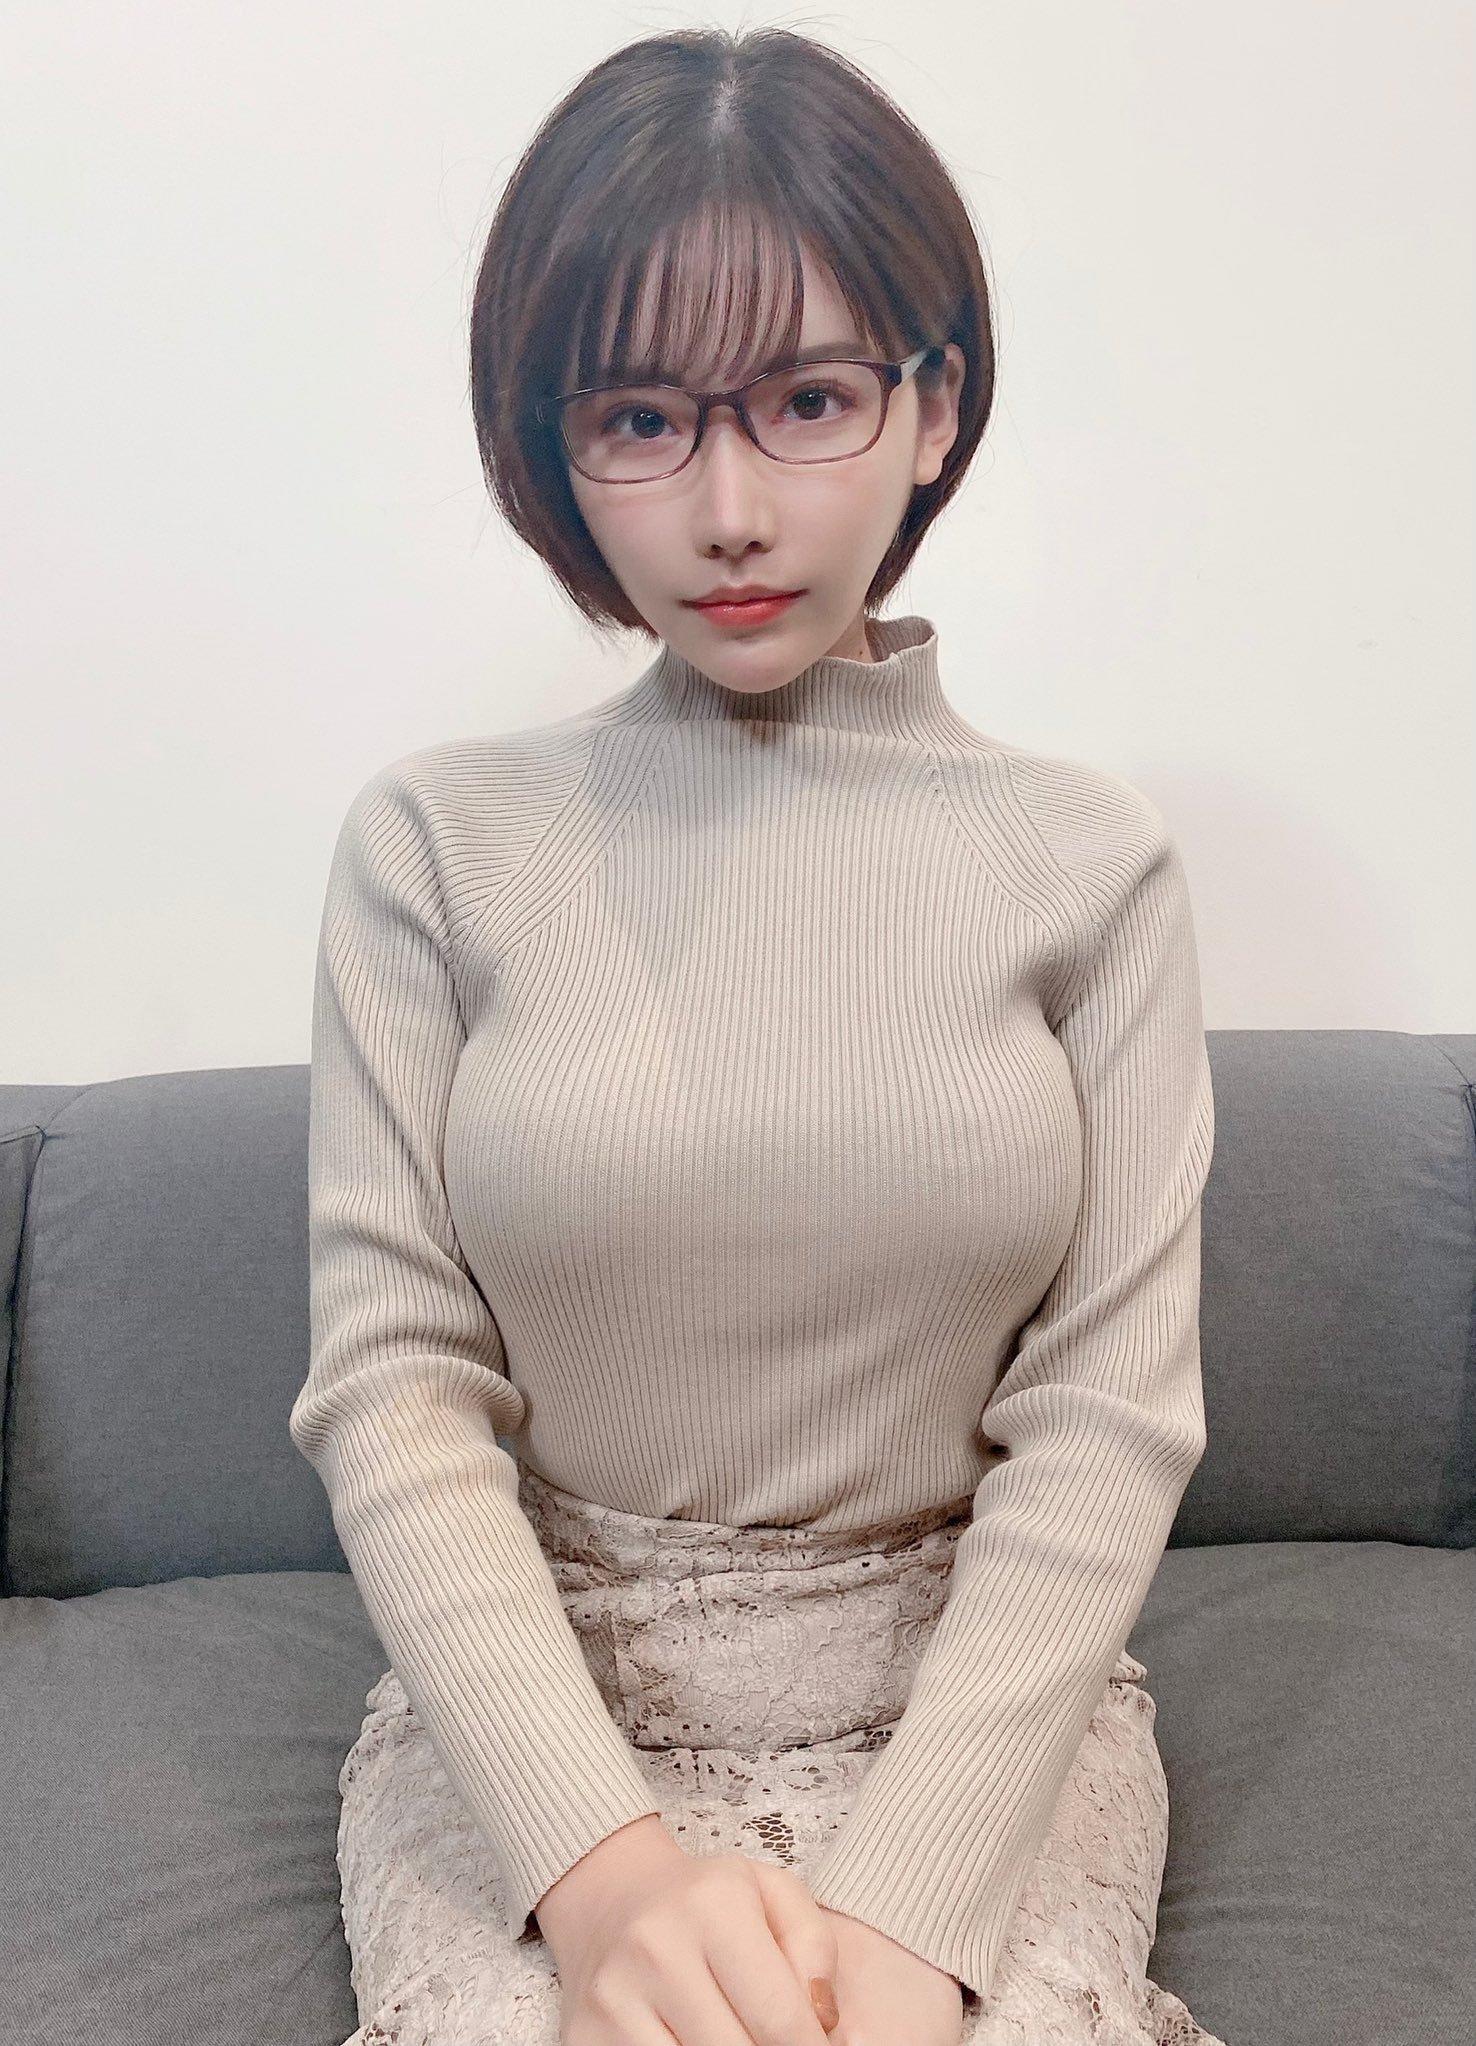 最强人造人深田咏美